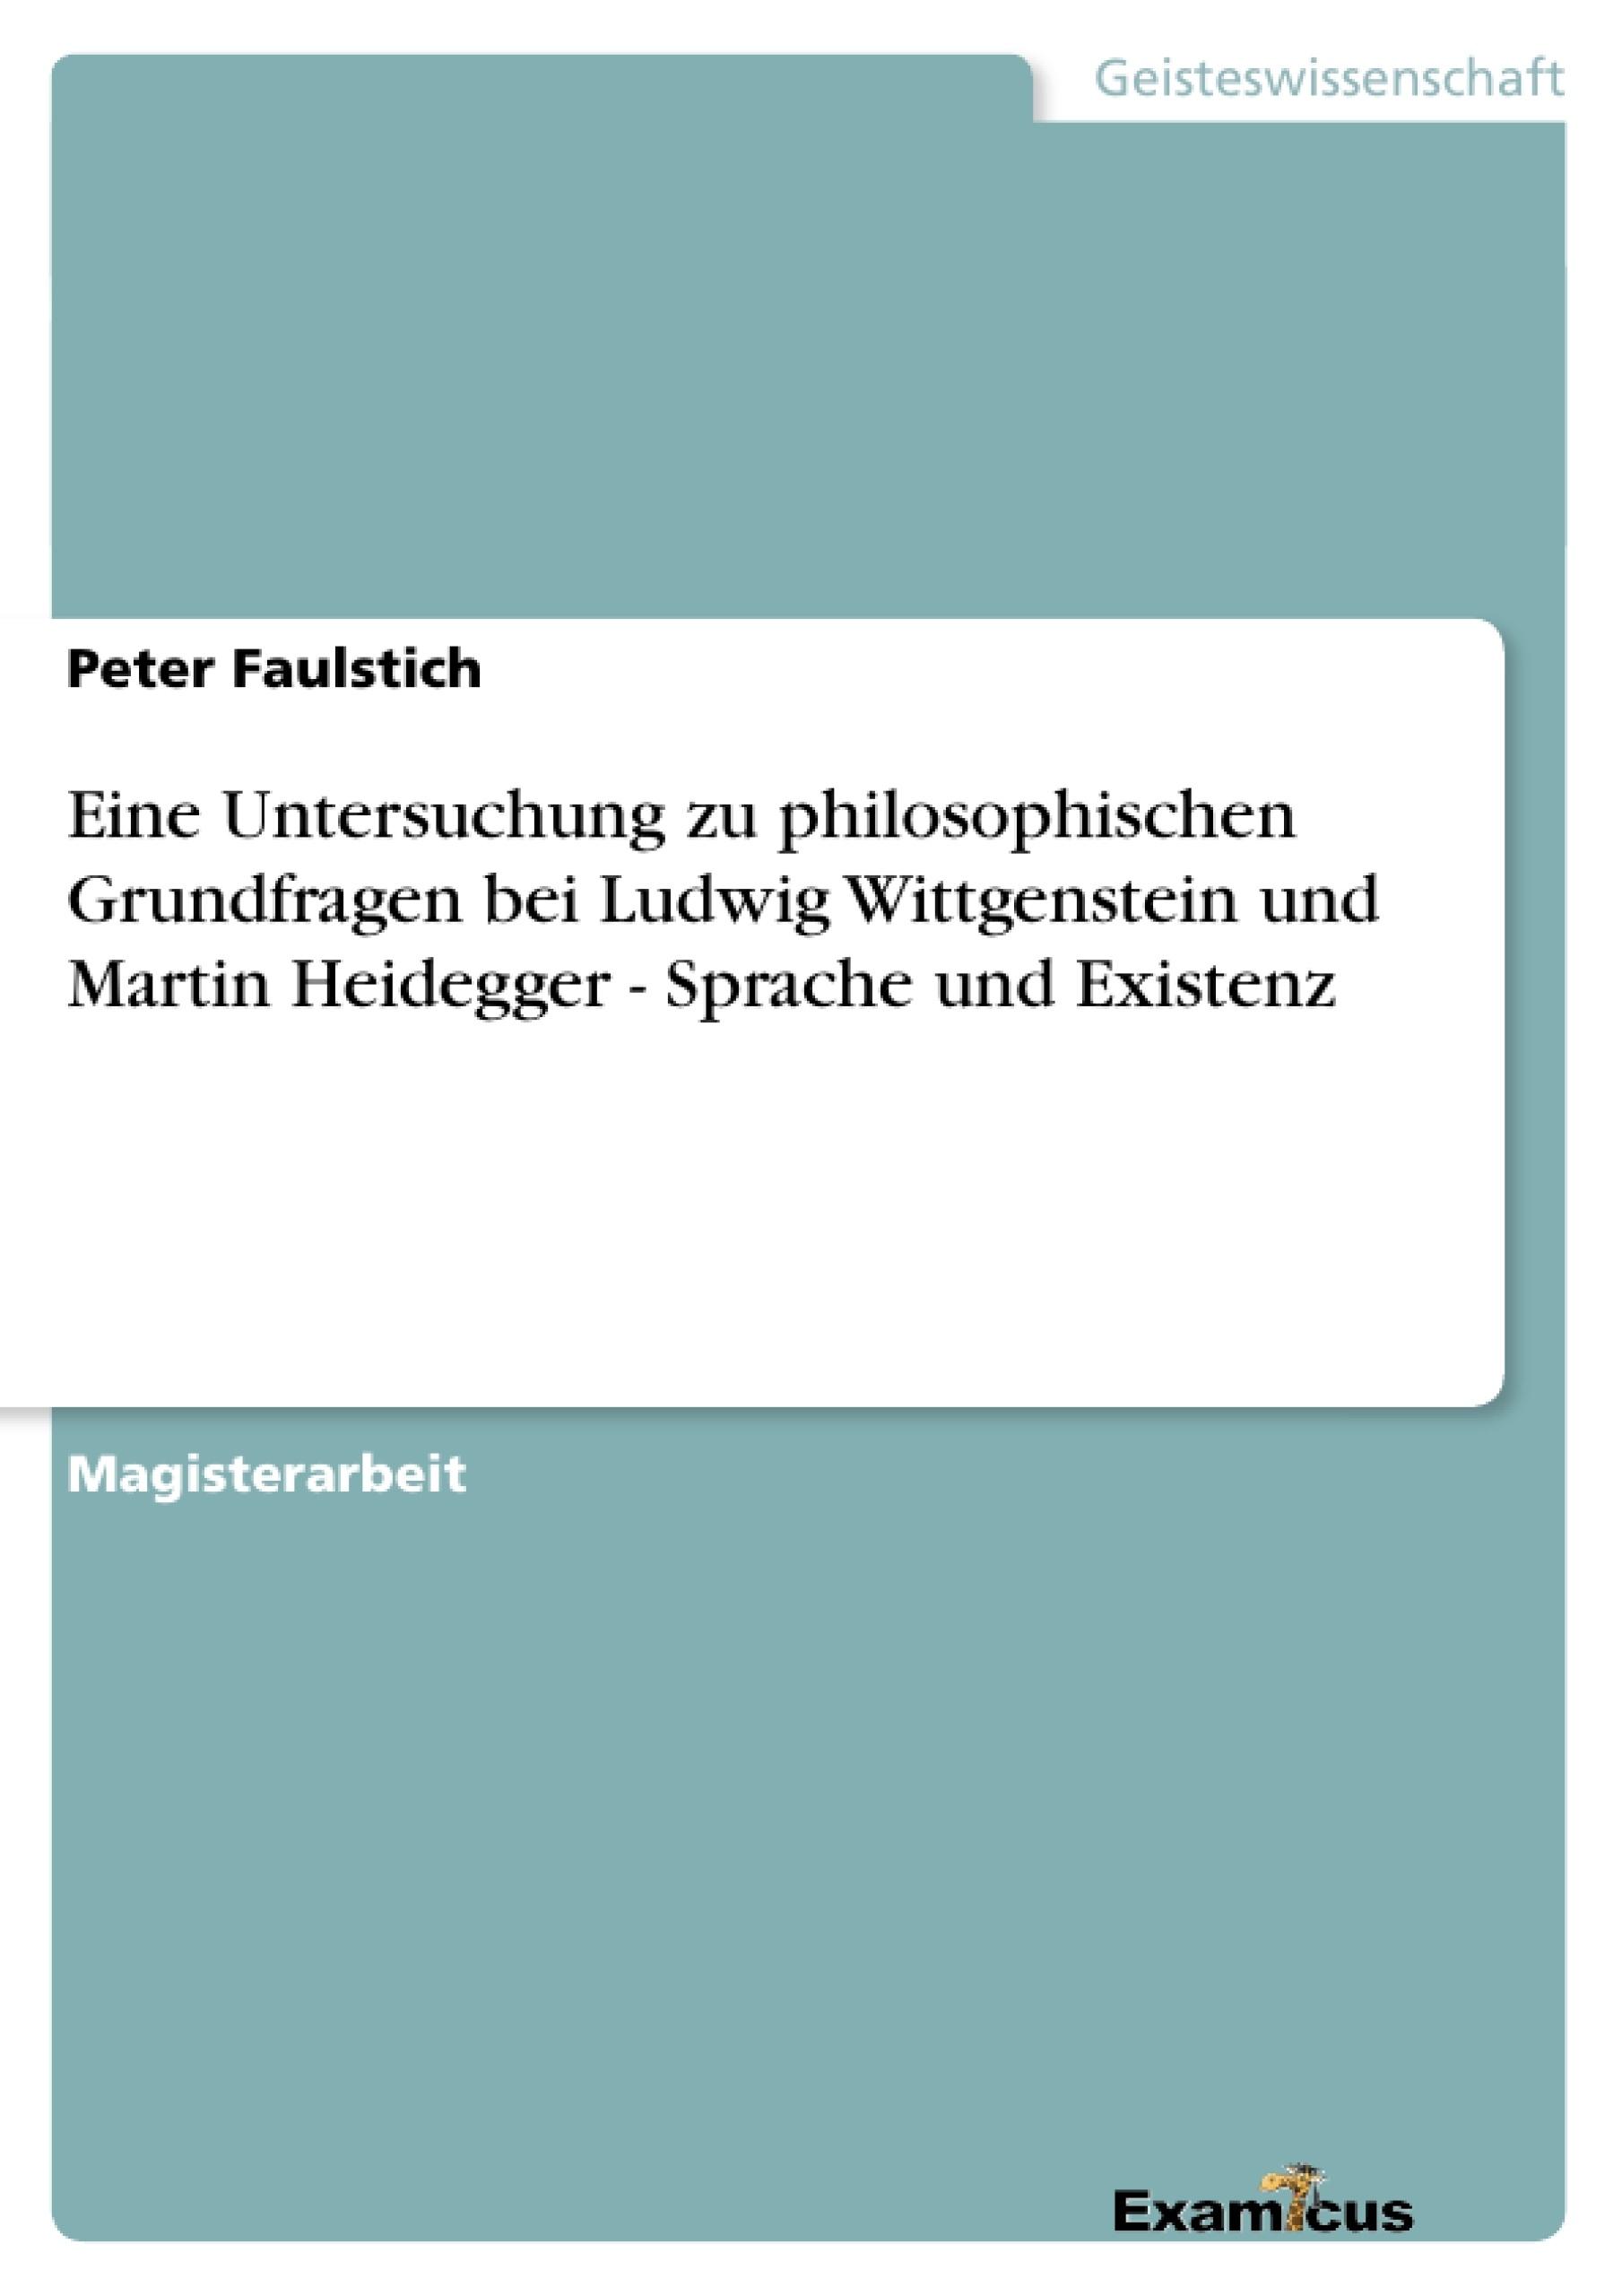 Titel: Eine Untersuchung zu philosophischen Grundfragen bei Ludwig Wittgenstein und Martin Heidegger - Sprache und Existenz